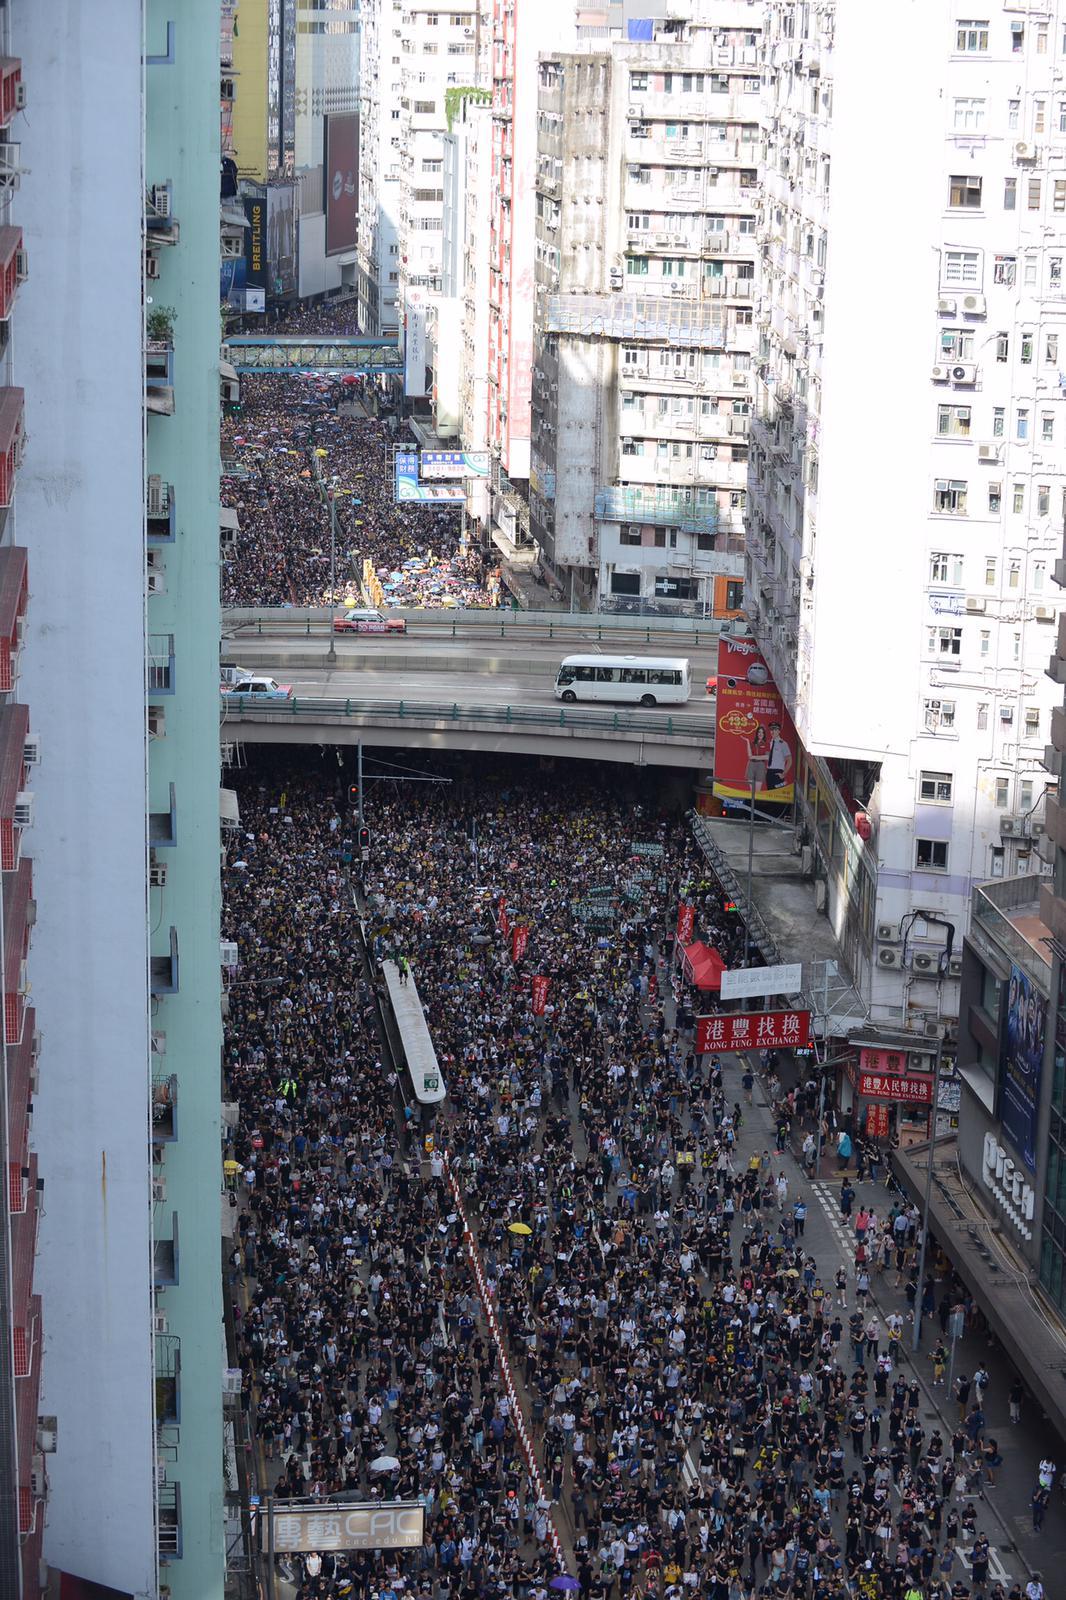 【721遊行】遊行人士突破警方防線往金鐘前進 部分人警總外聚集